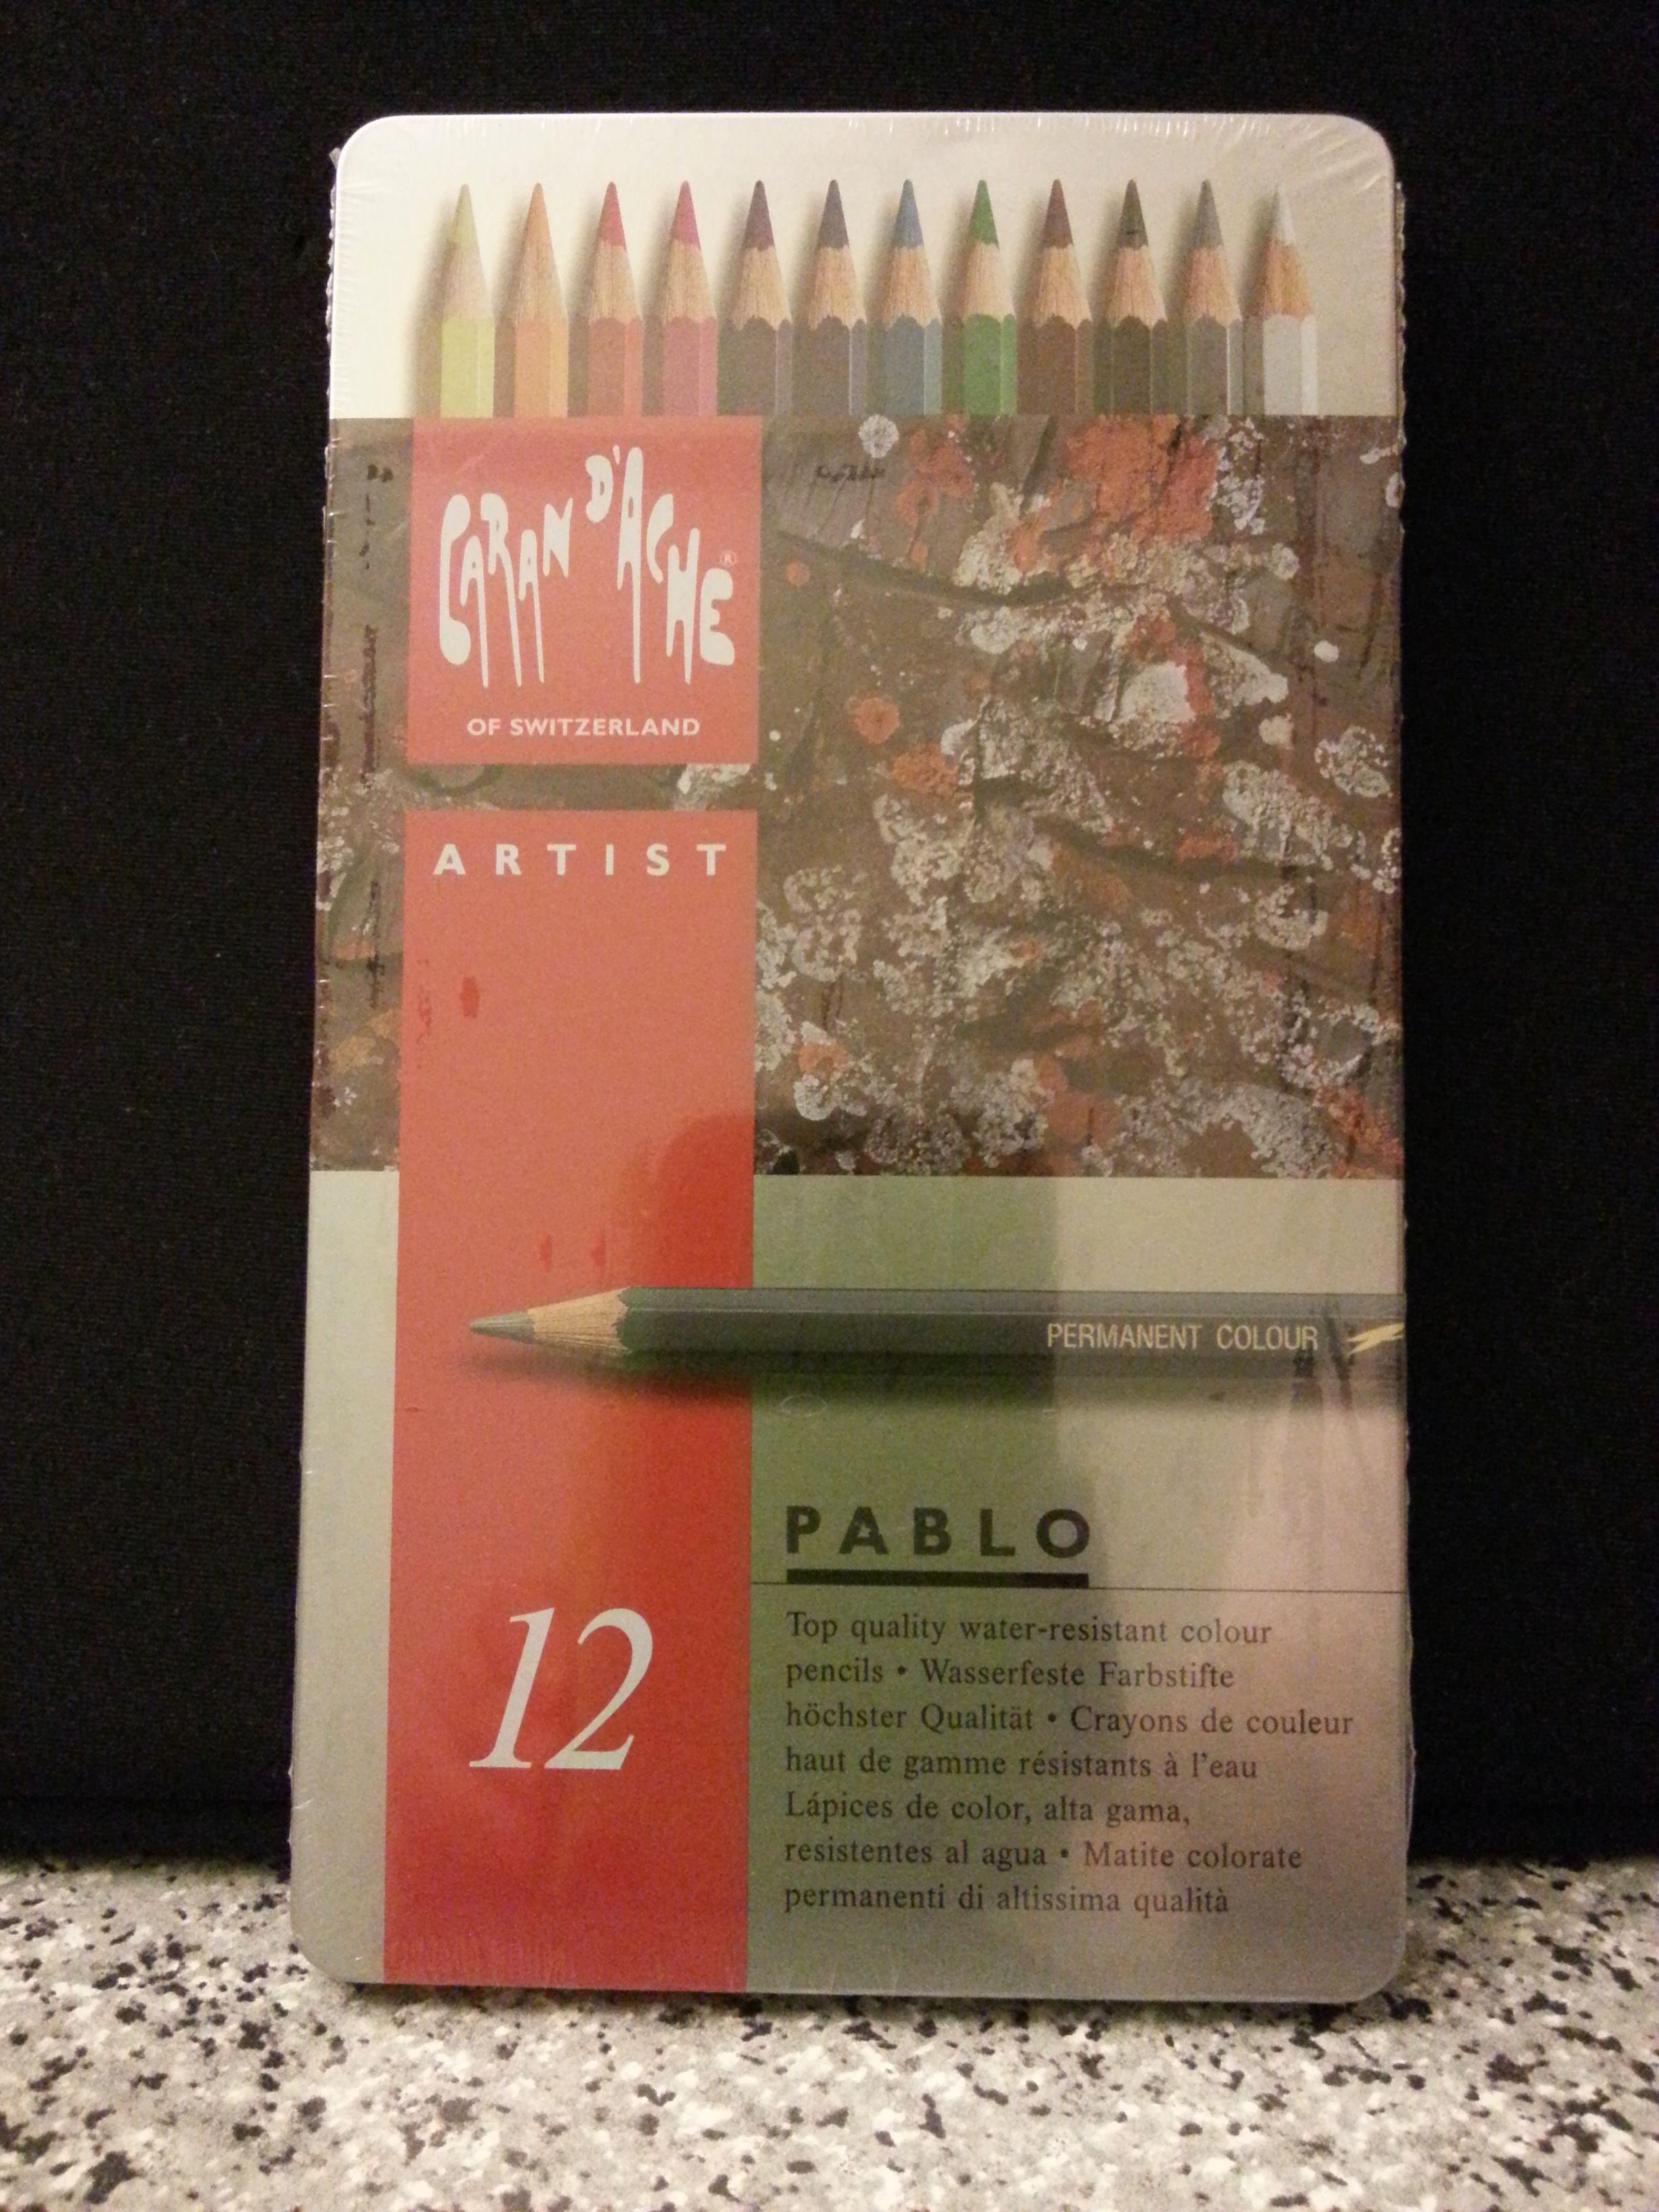 Caran D'ache Pablo Color Pencils Set Of 12, 24.1 USD